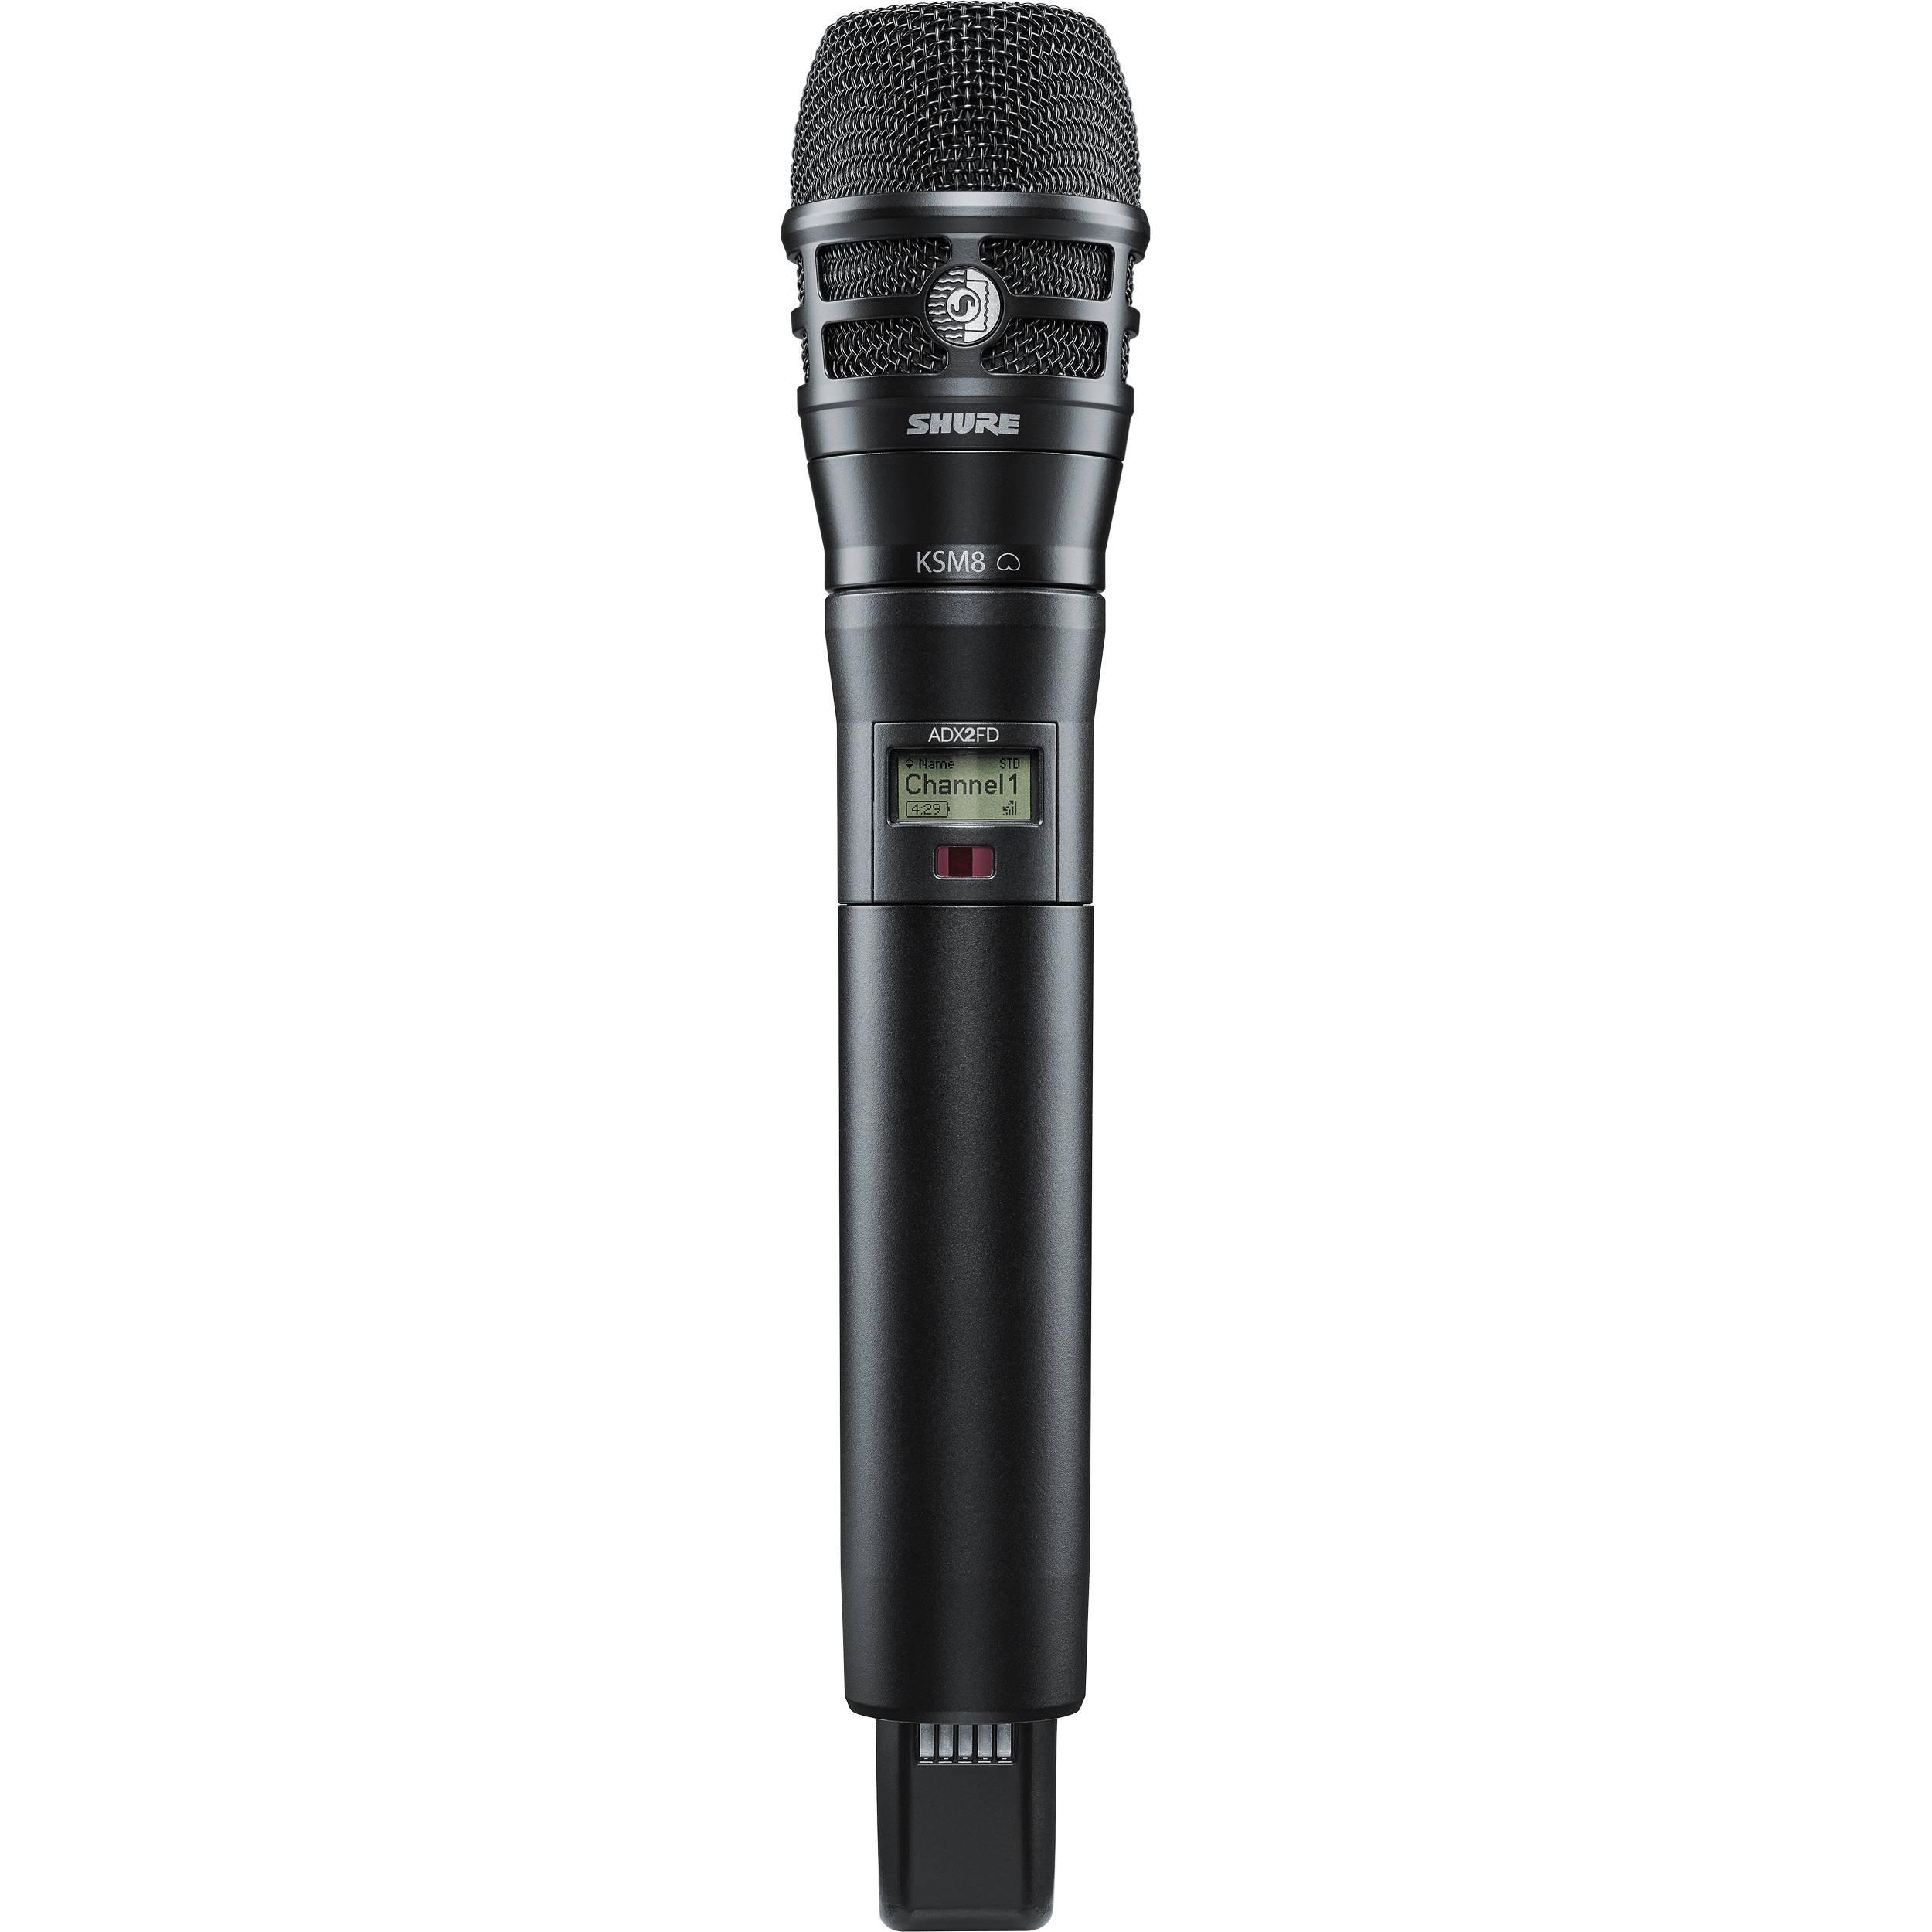 Handheld Wireless Microphone Transmitter : shure adx2fd k8b digital handheld wireless adx2fd k8b g57 b h ~ Hamham.info Haus und Dekorationen